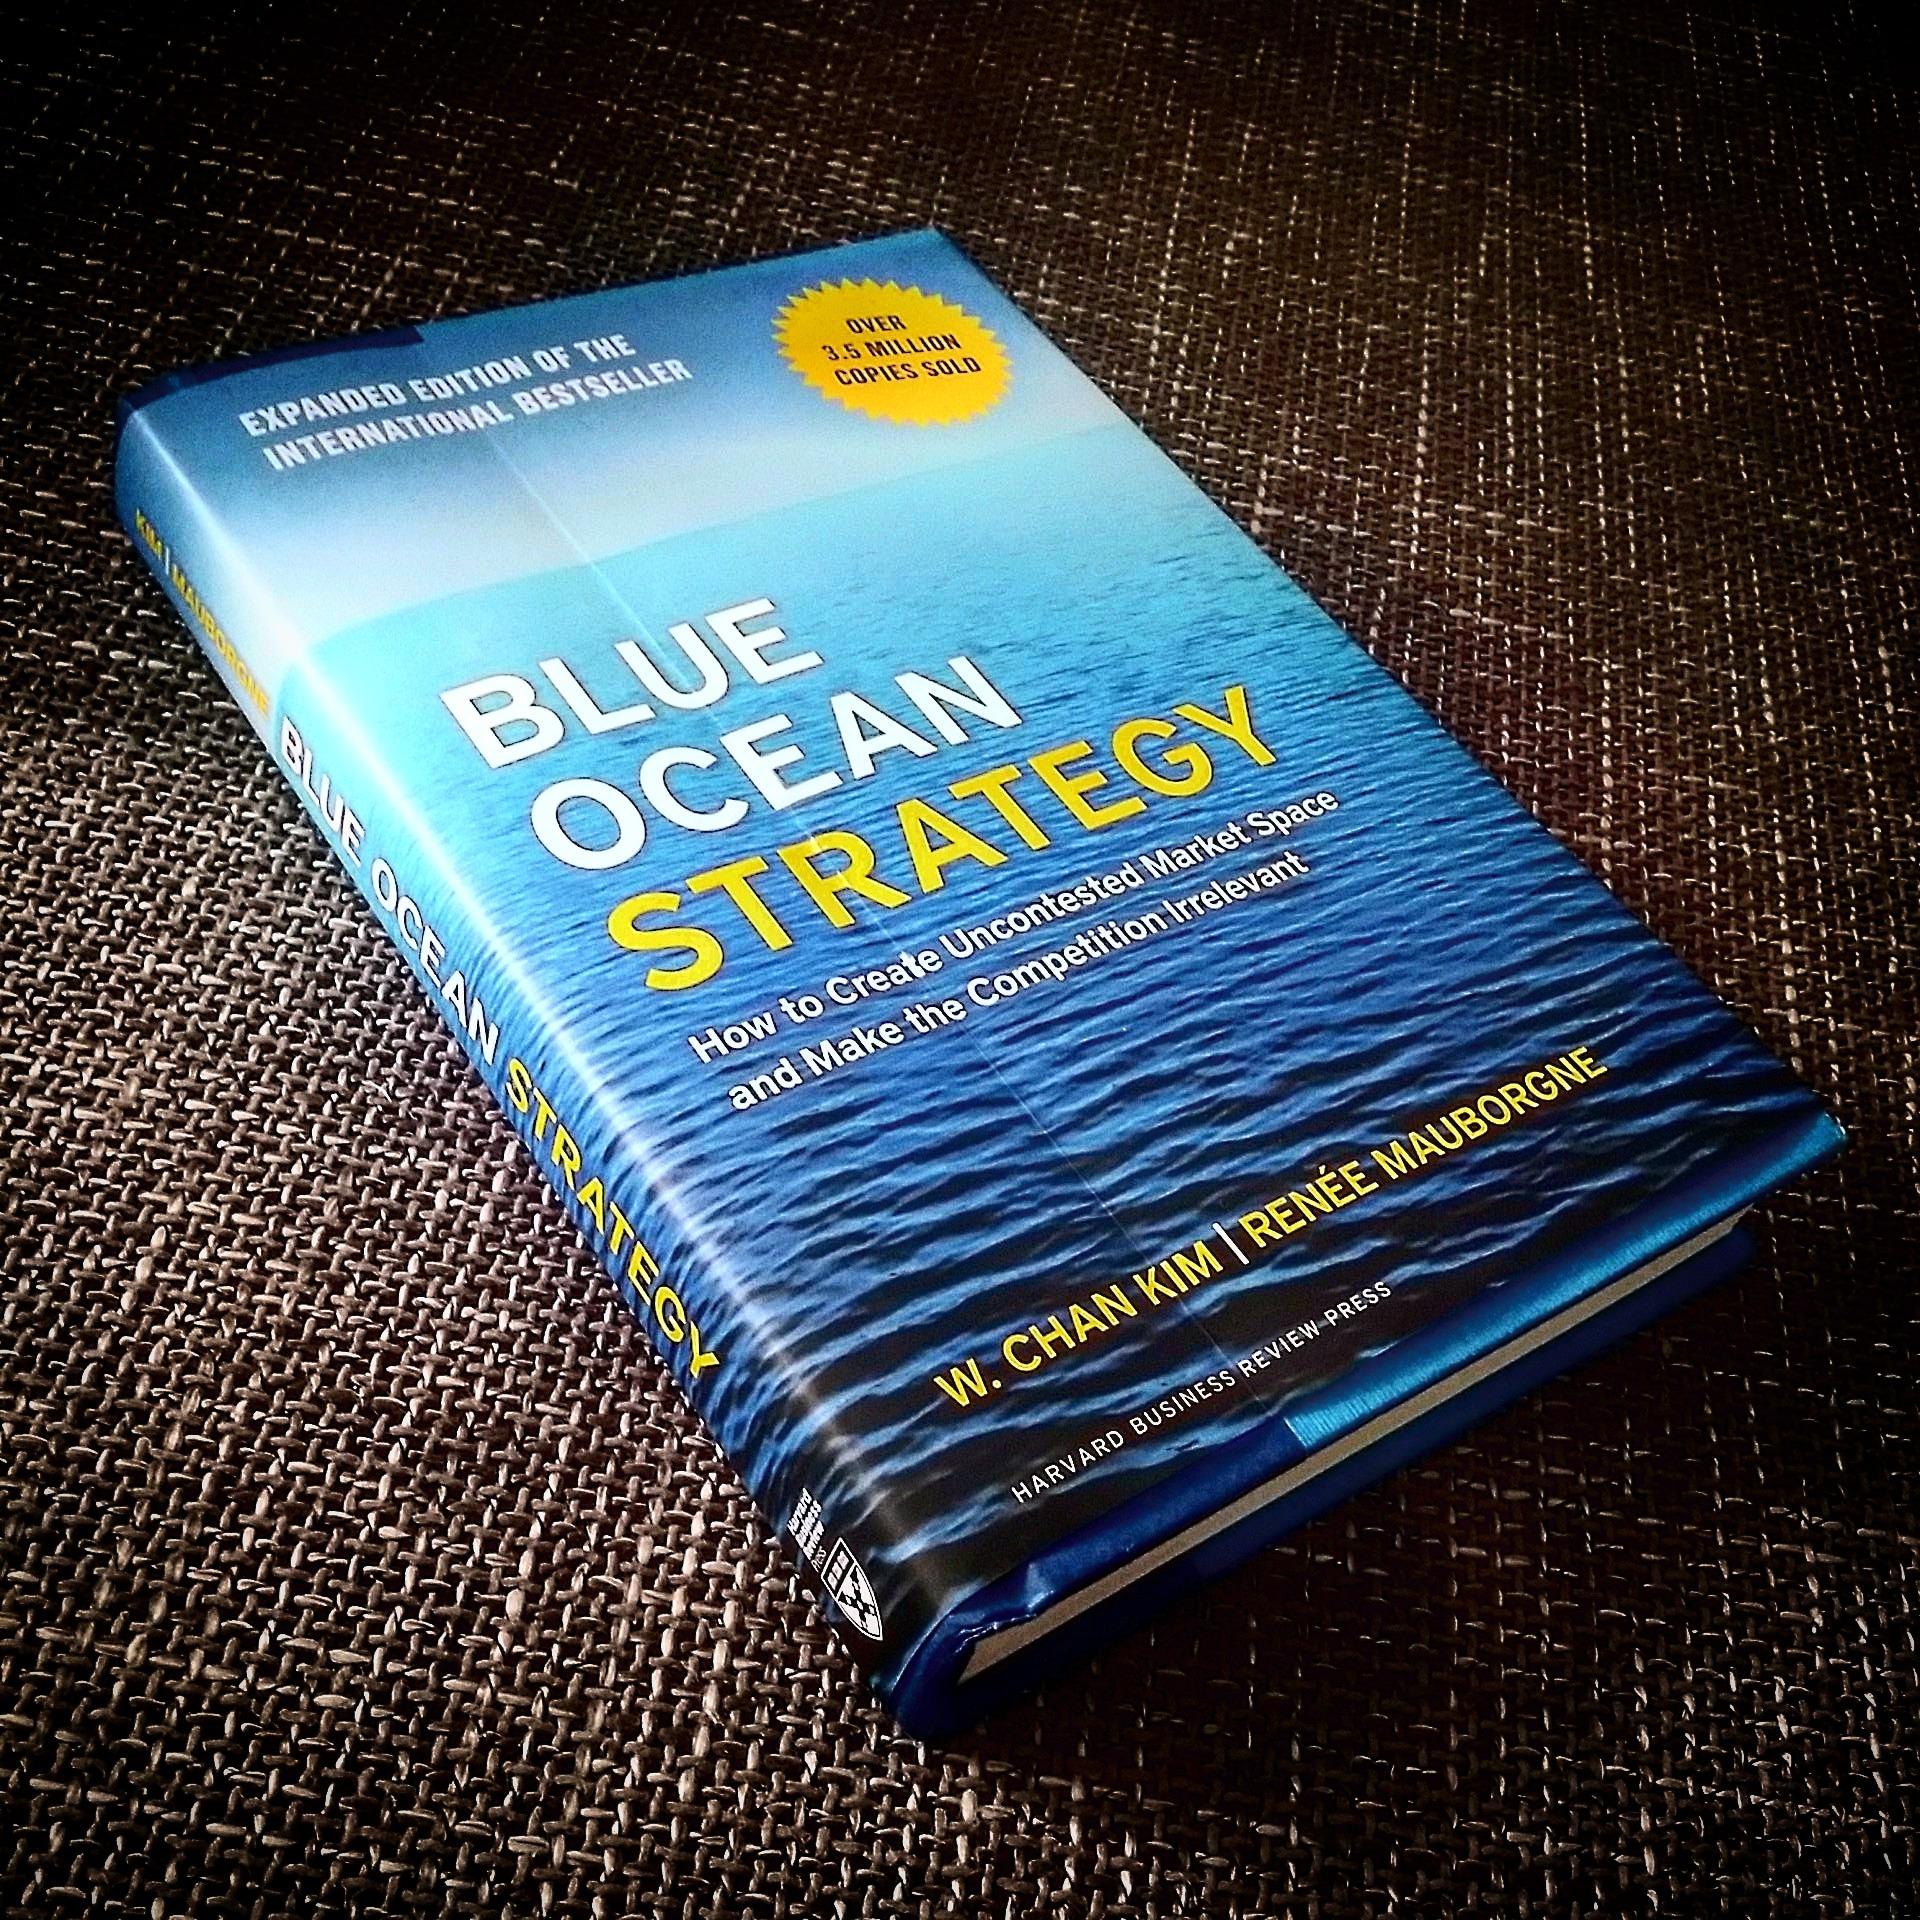 Book review: BLUE OCEAN STRATEGY by W. Chan Kim & Renée Mauborgne